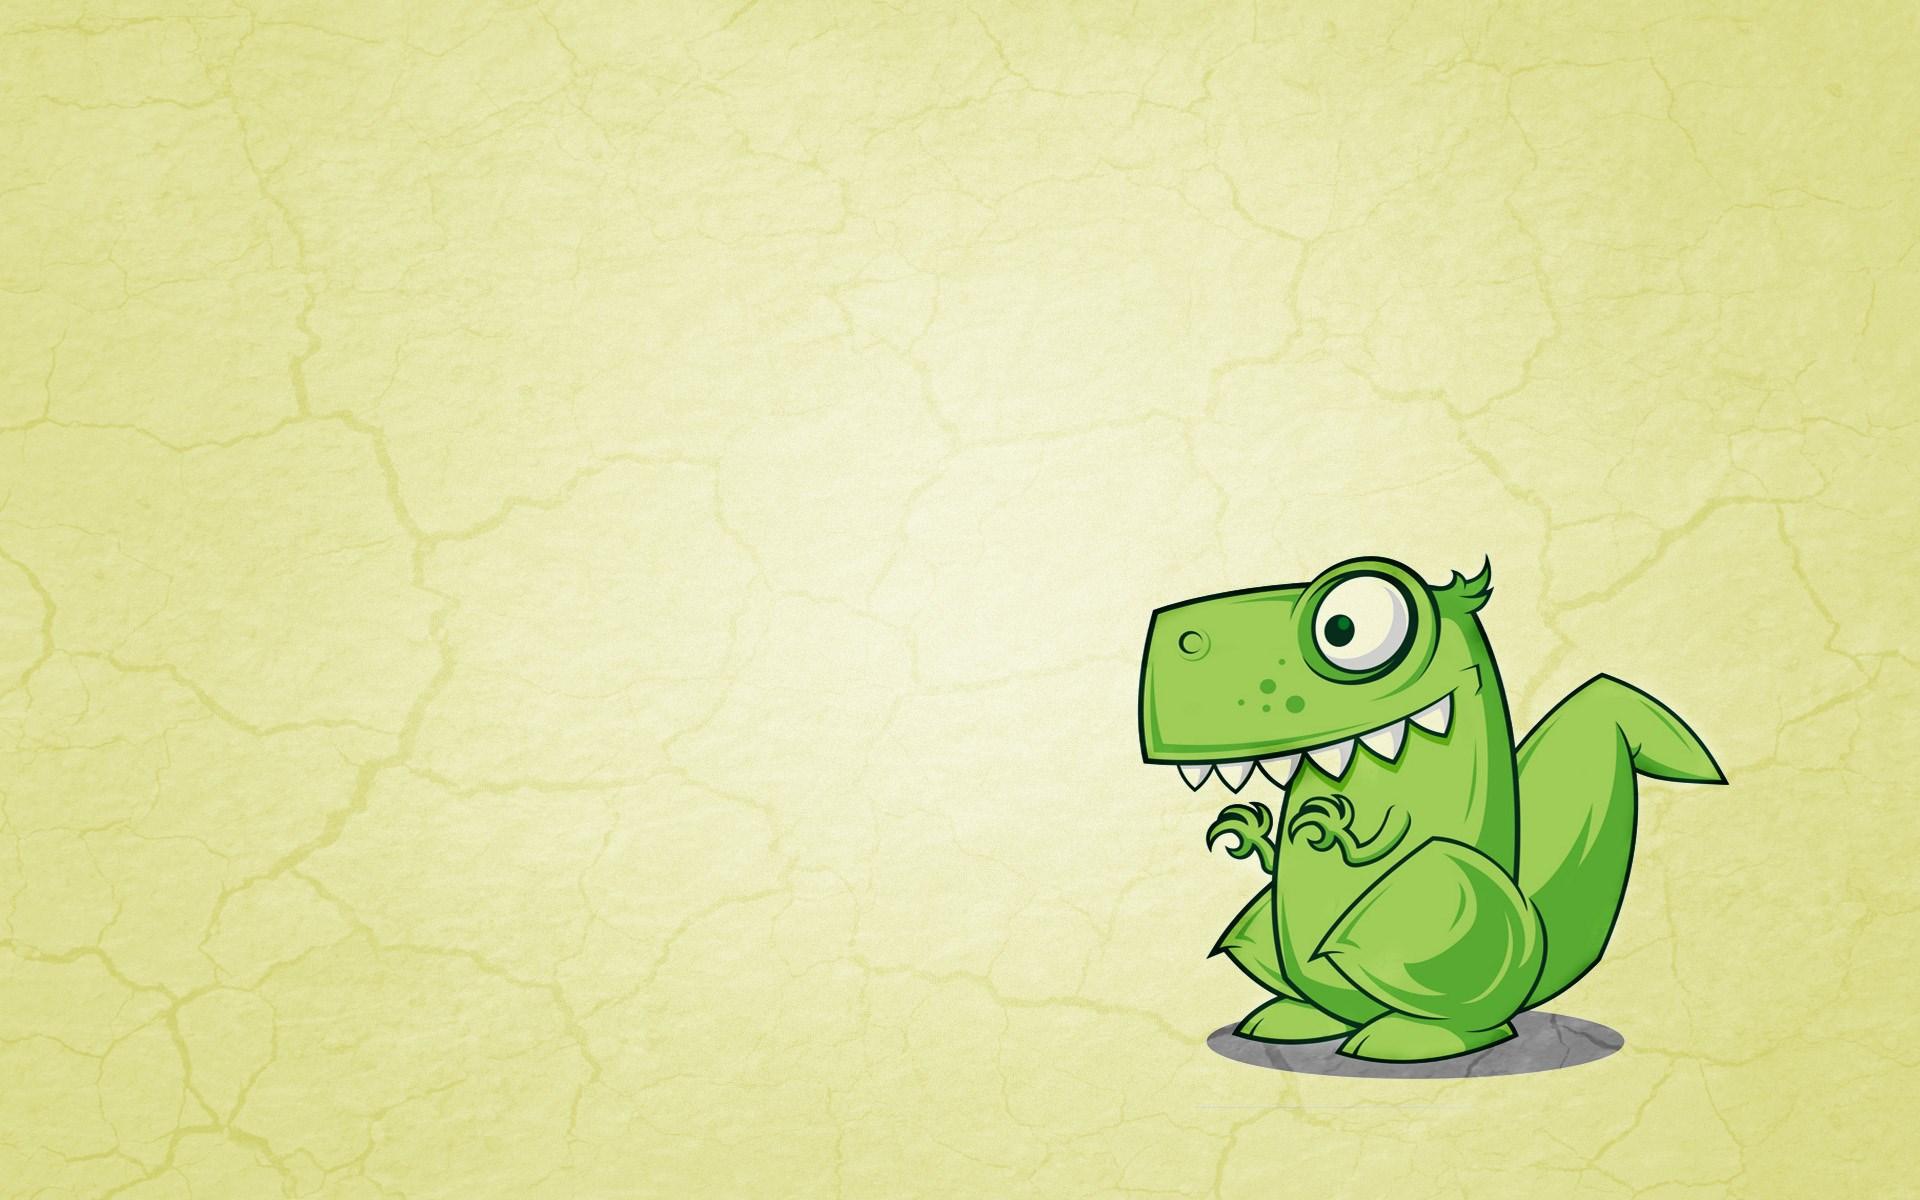 Dinosaur Green Cartoon Art